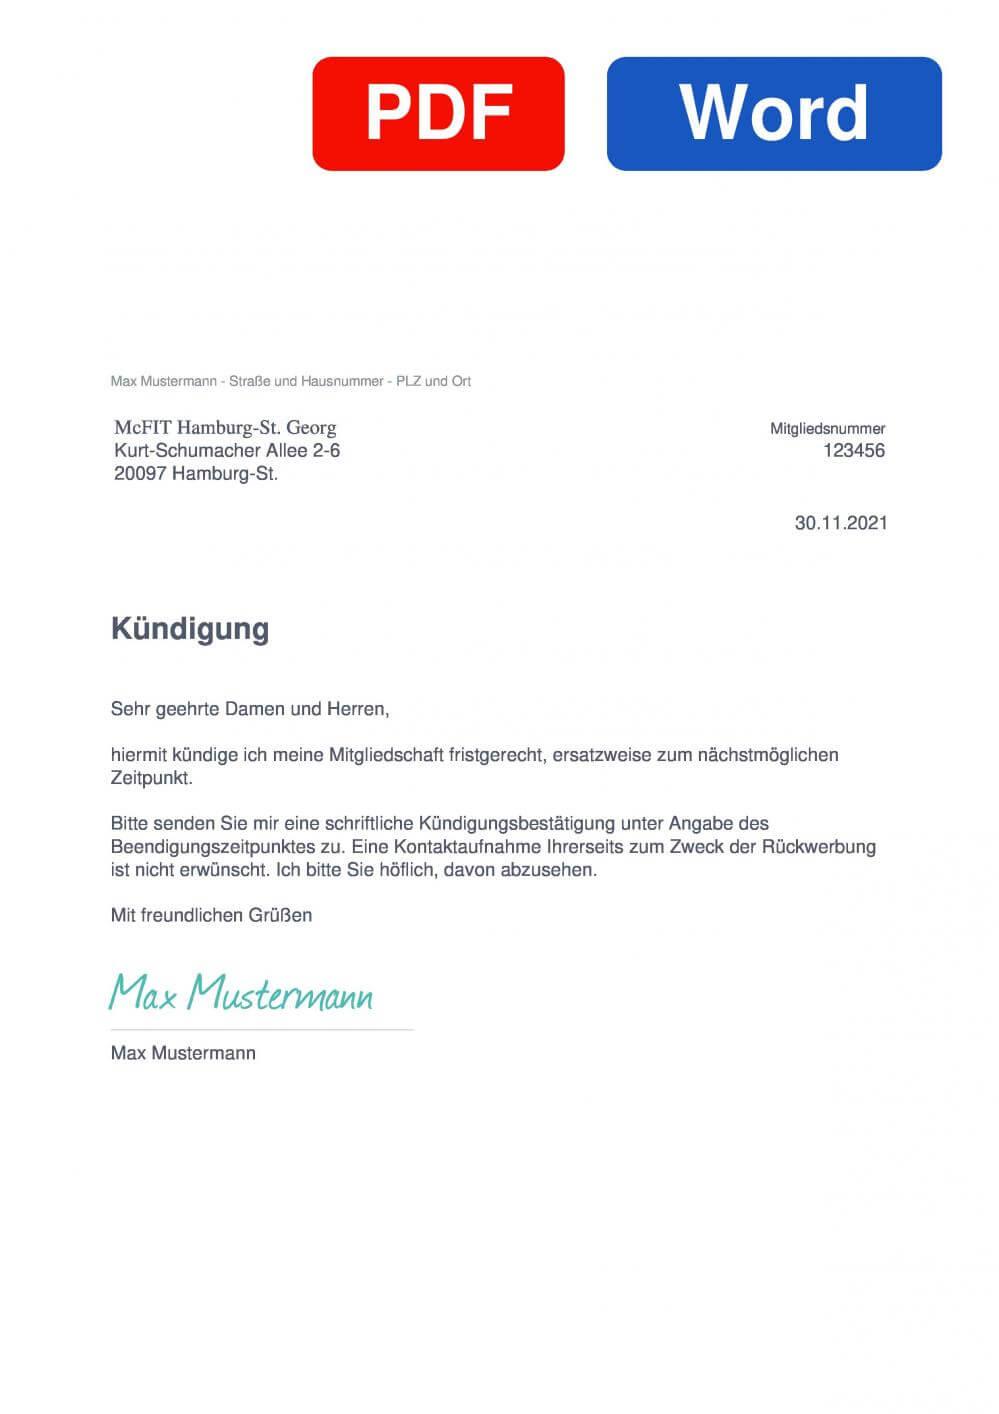 McFIT Hamburg-St. Georg Muster Vorlage für Kündigungsschreiben